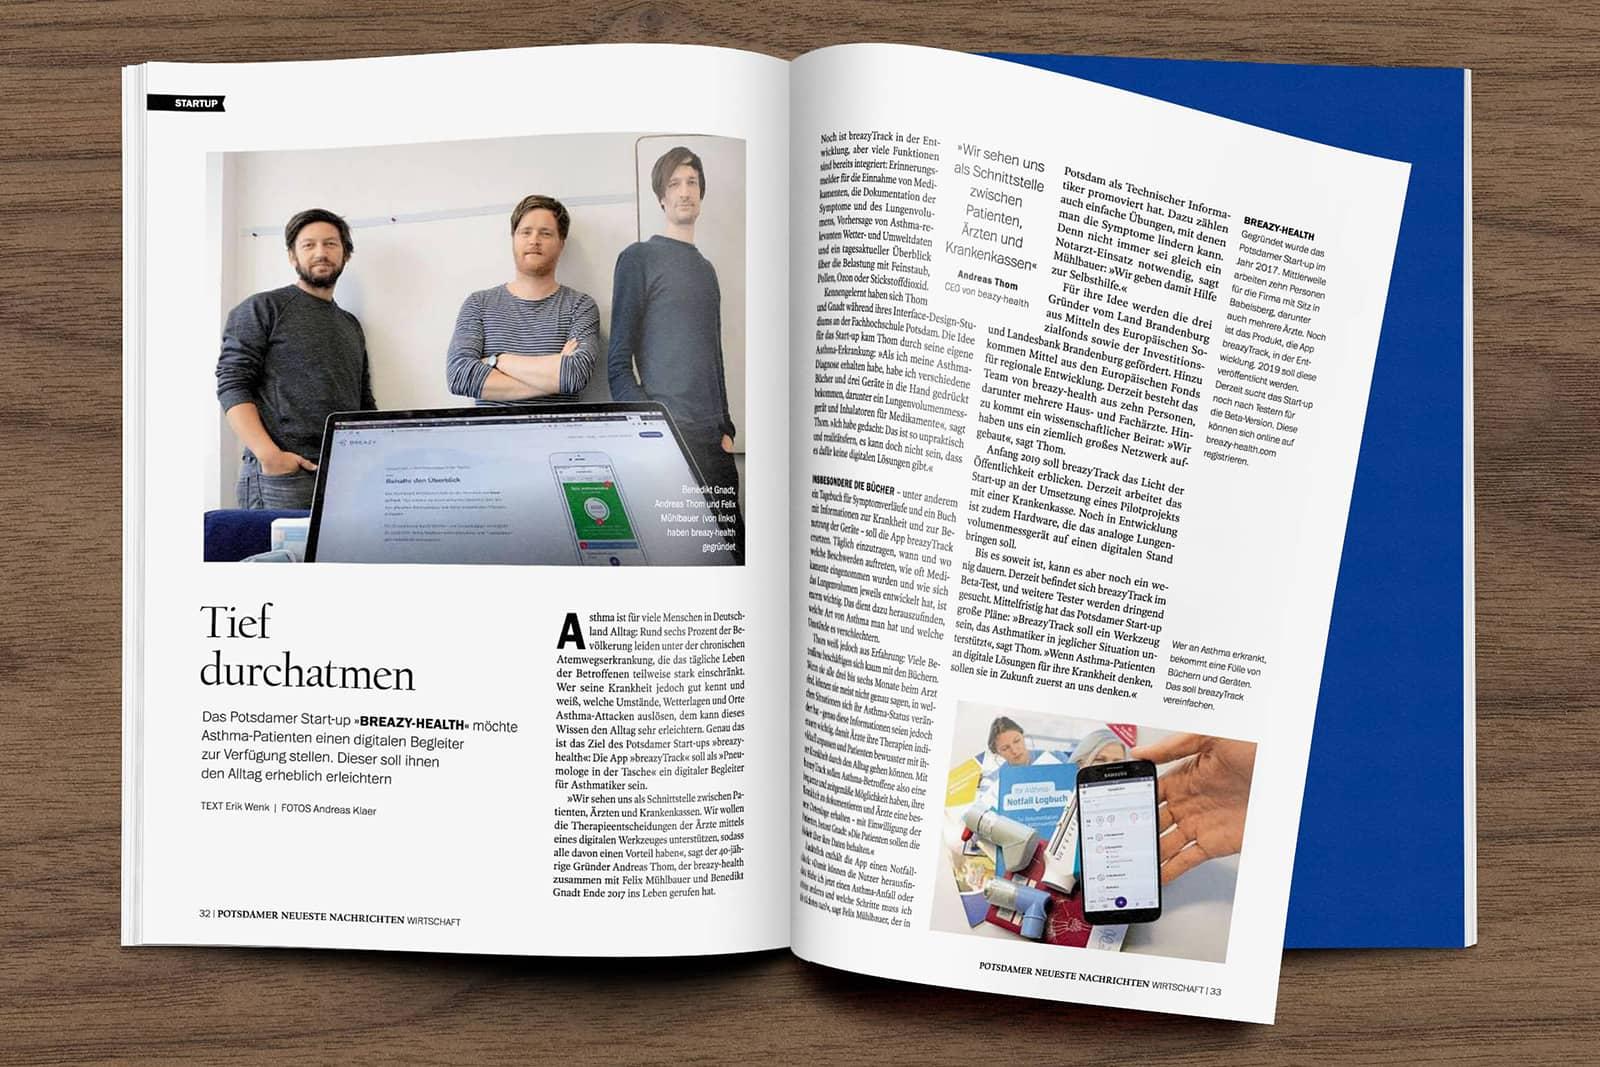 breazy-health im Magazin Wirtschaft der Potsdamer Neueste Nachrichten